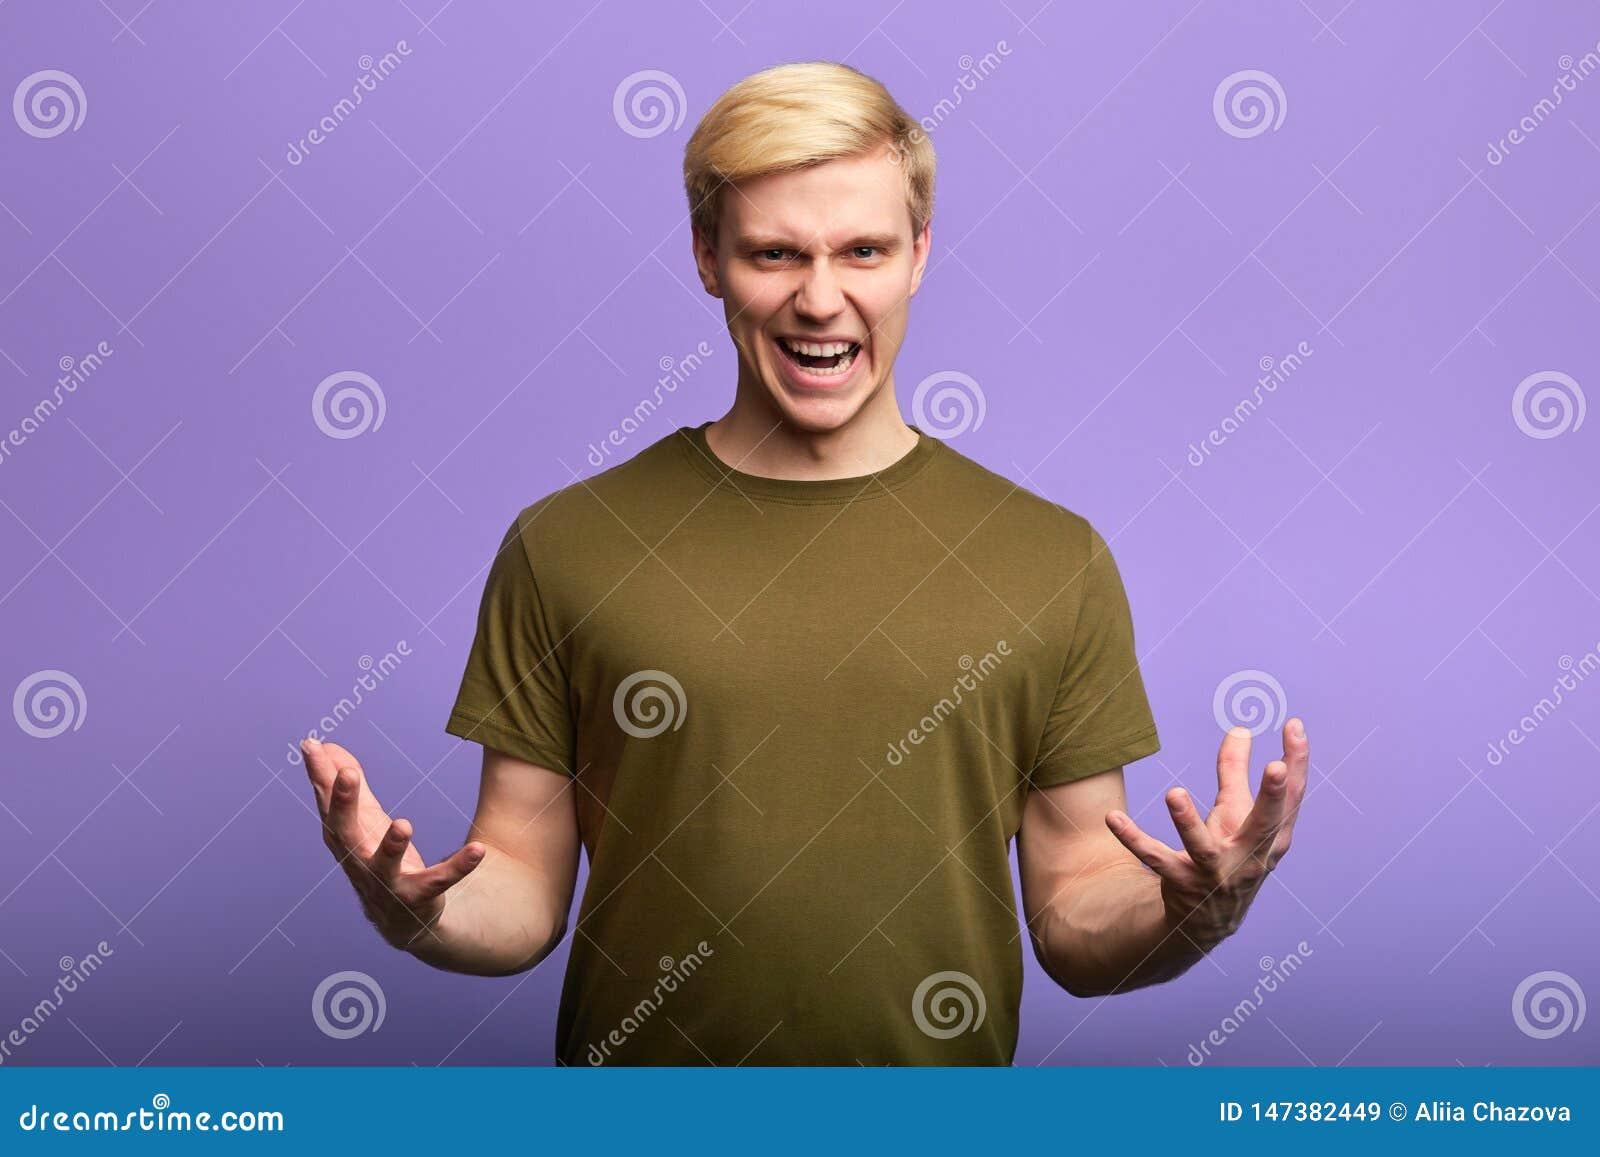 0 δυστυχισμένος ματαιωμένος νεαρός άνδρας με τα όπλα έξω, που φωνάζουν σε κάποιο